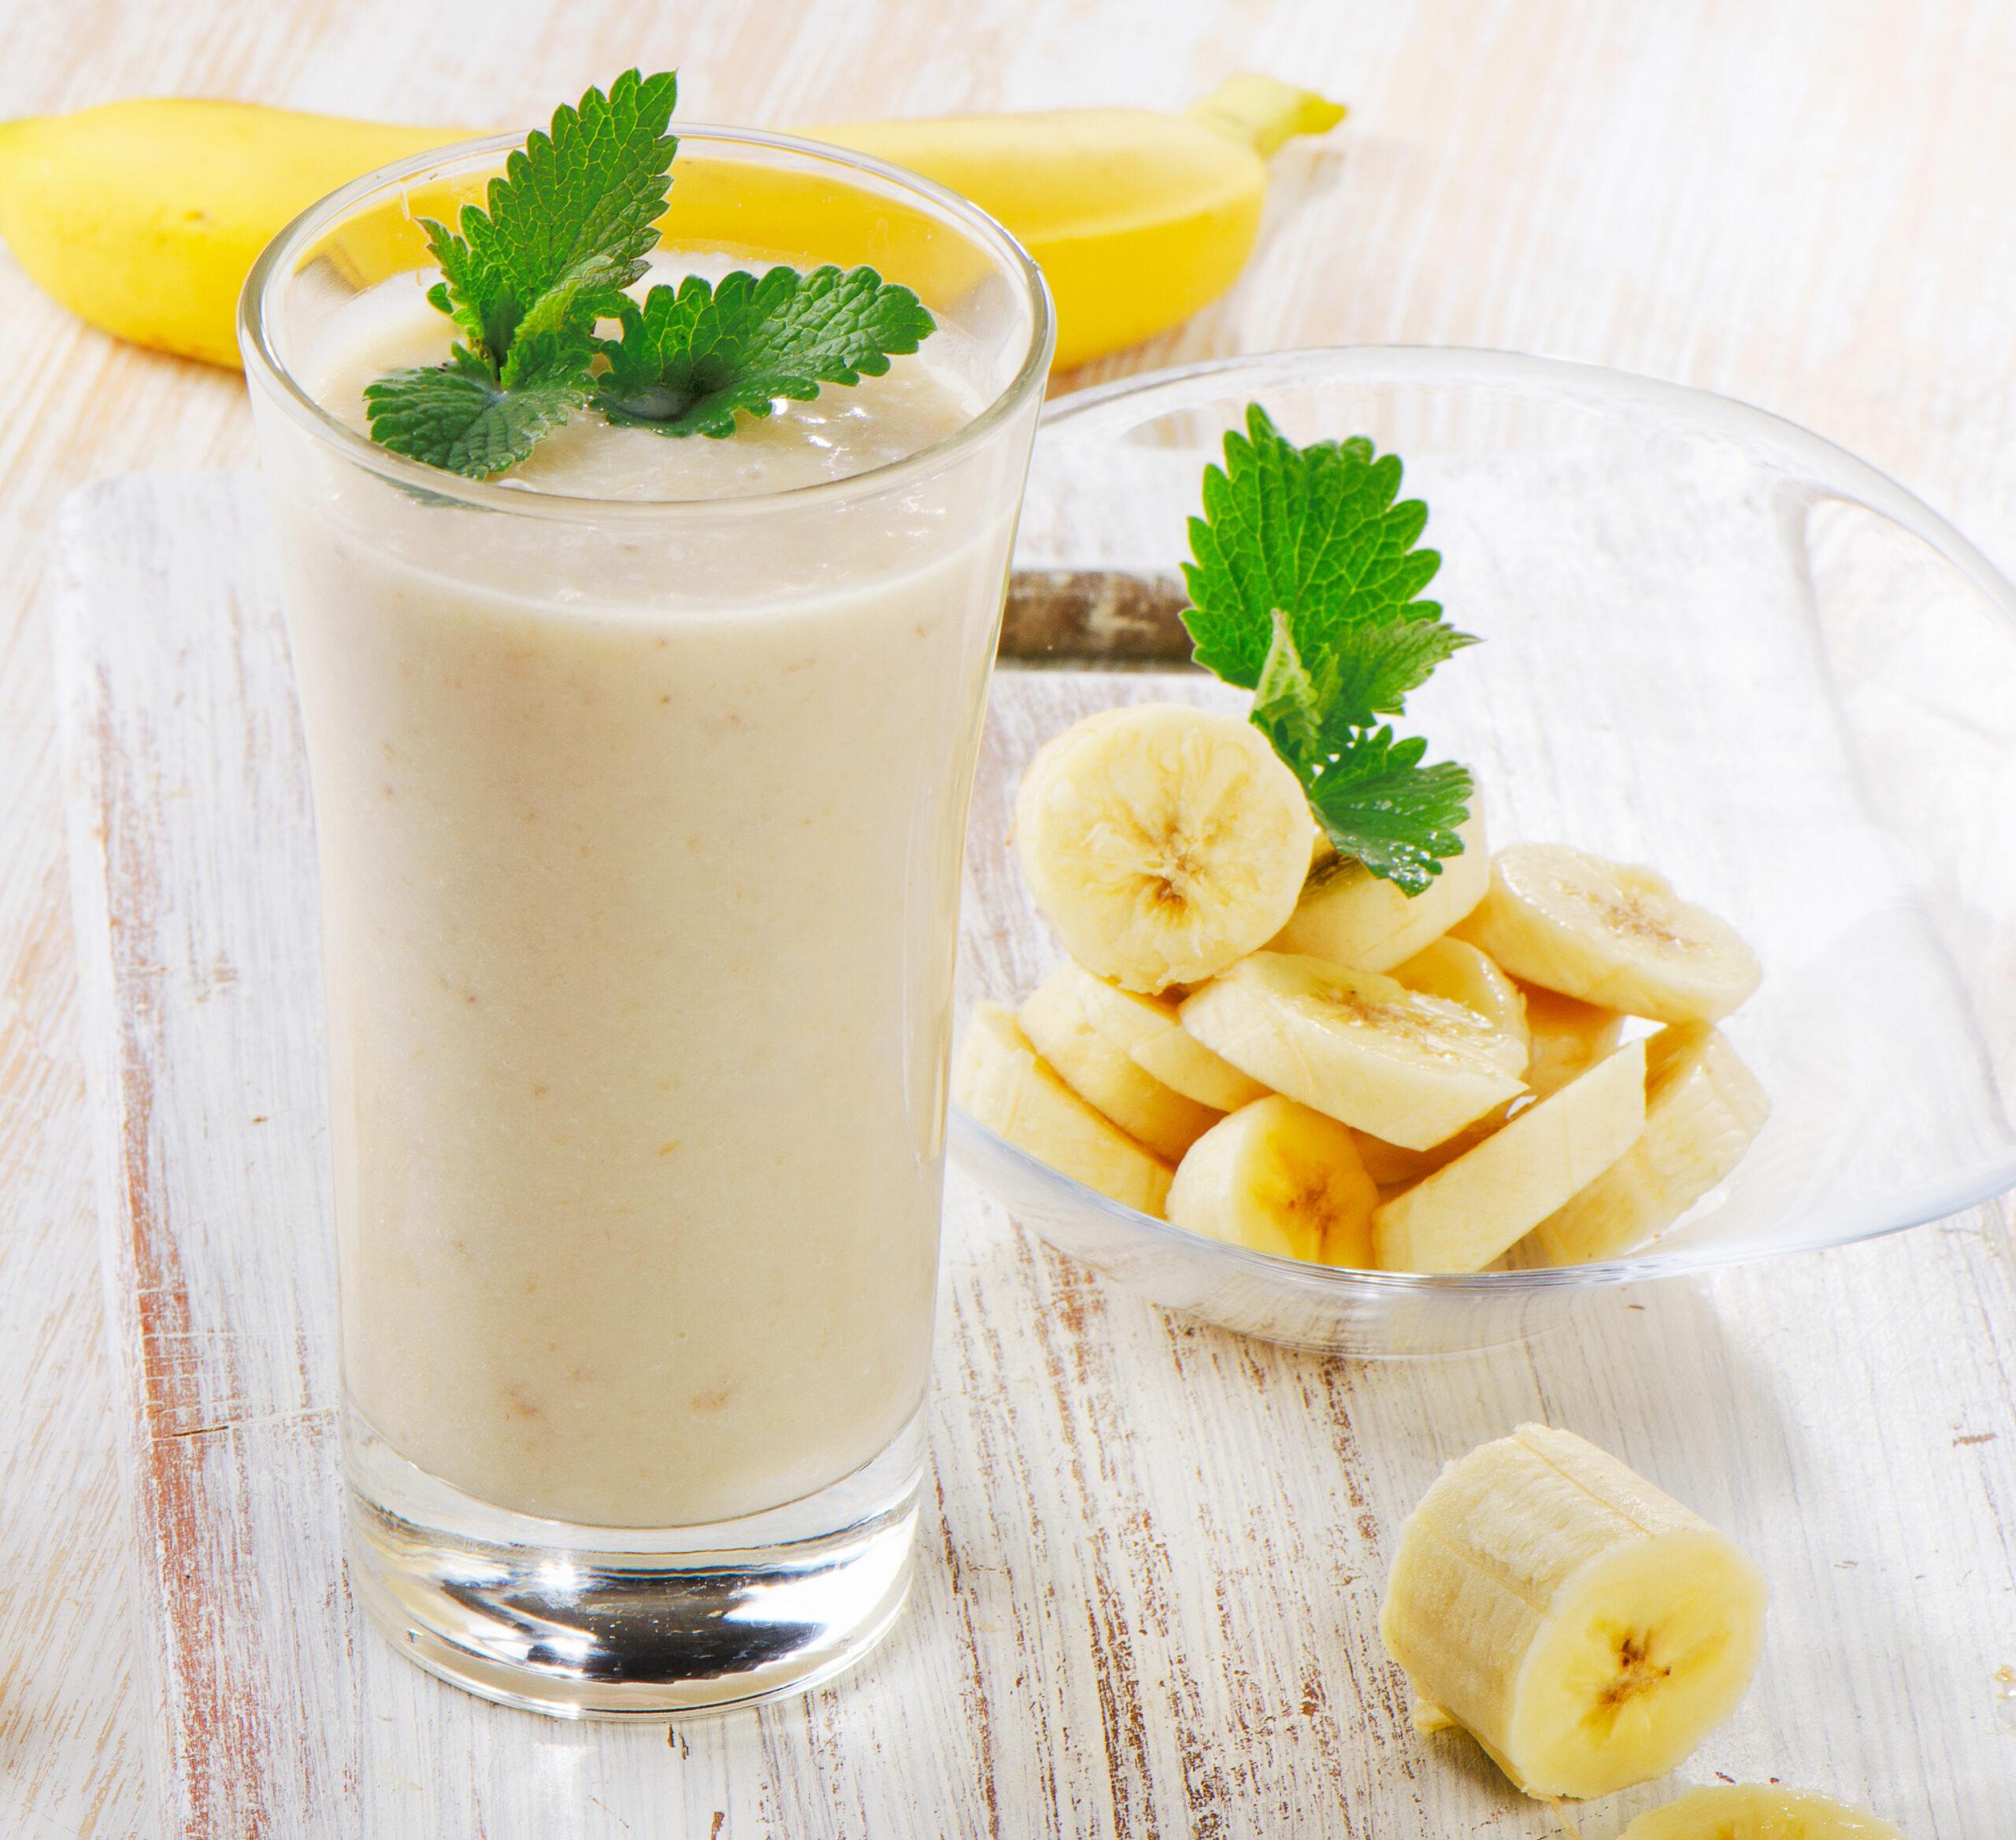 バナナジュースが飲みたくなってきた!